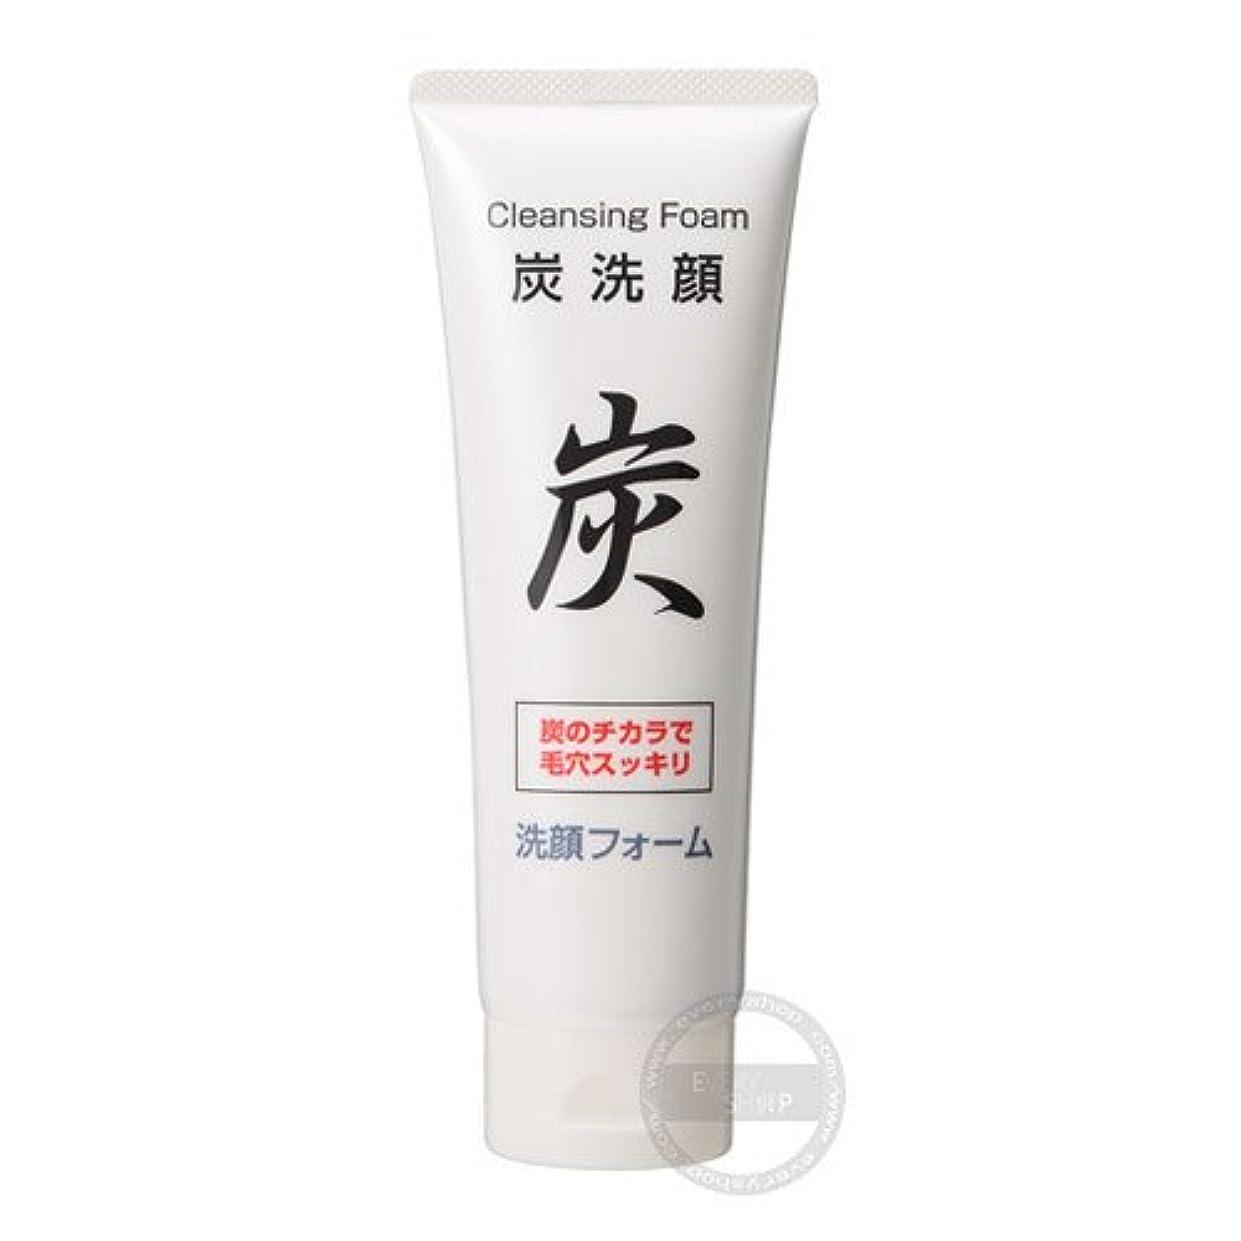 悪用どう?幹炭洗顔 洗顔フォーム‐KH544725